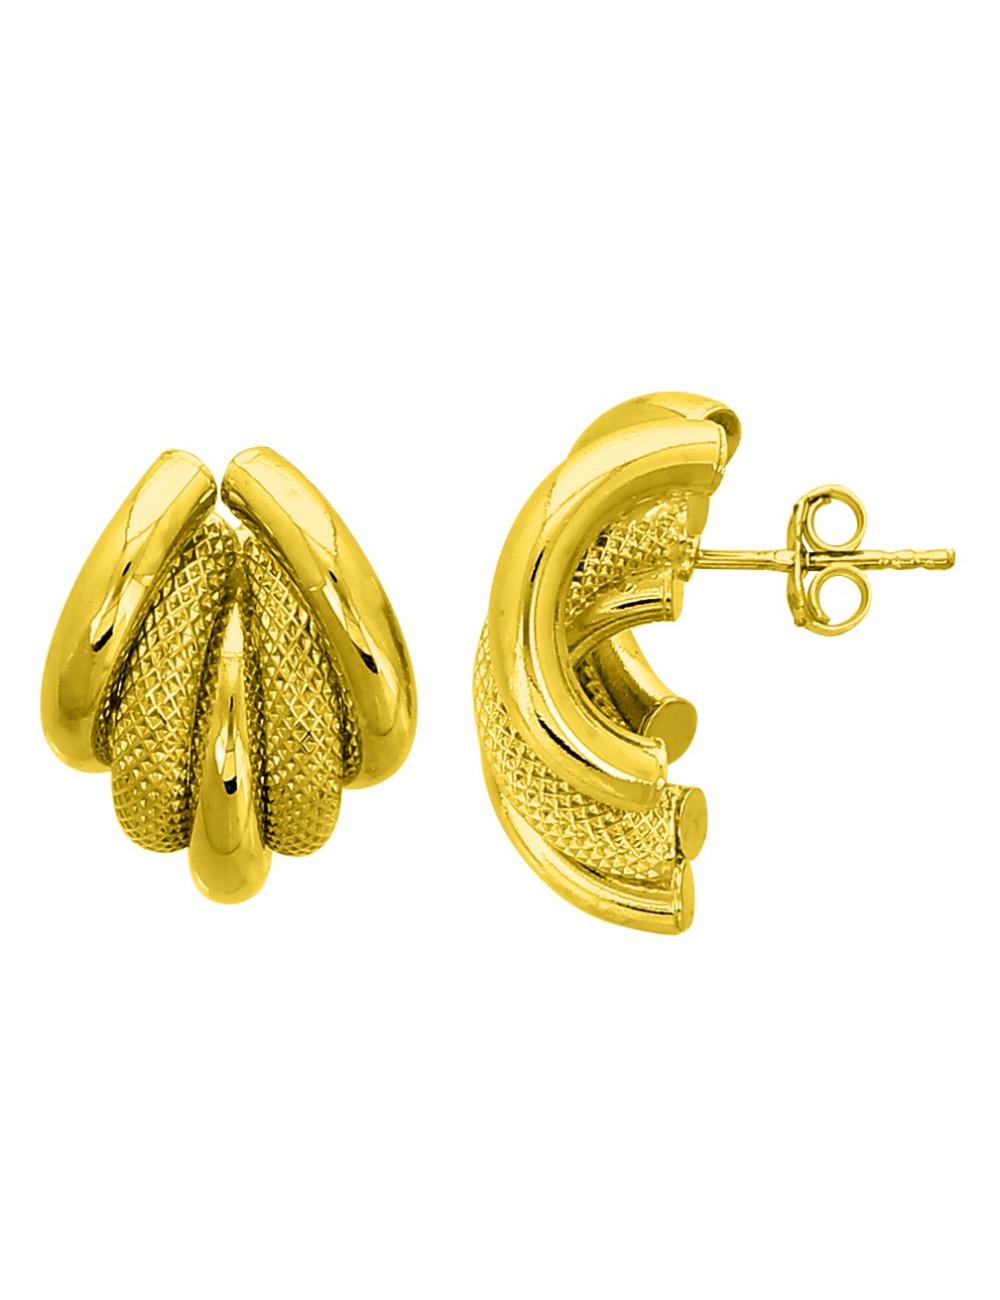 Boucle d'Oreille Or Jaunes 18 carats